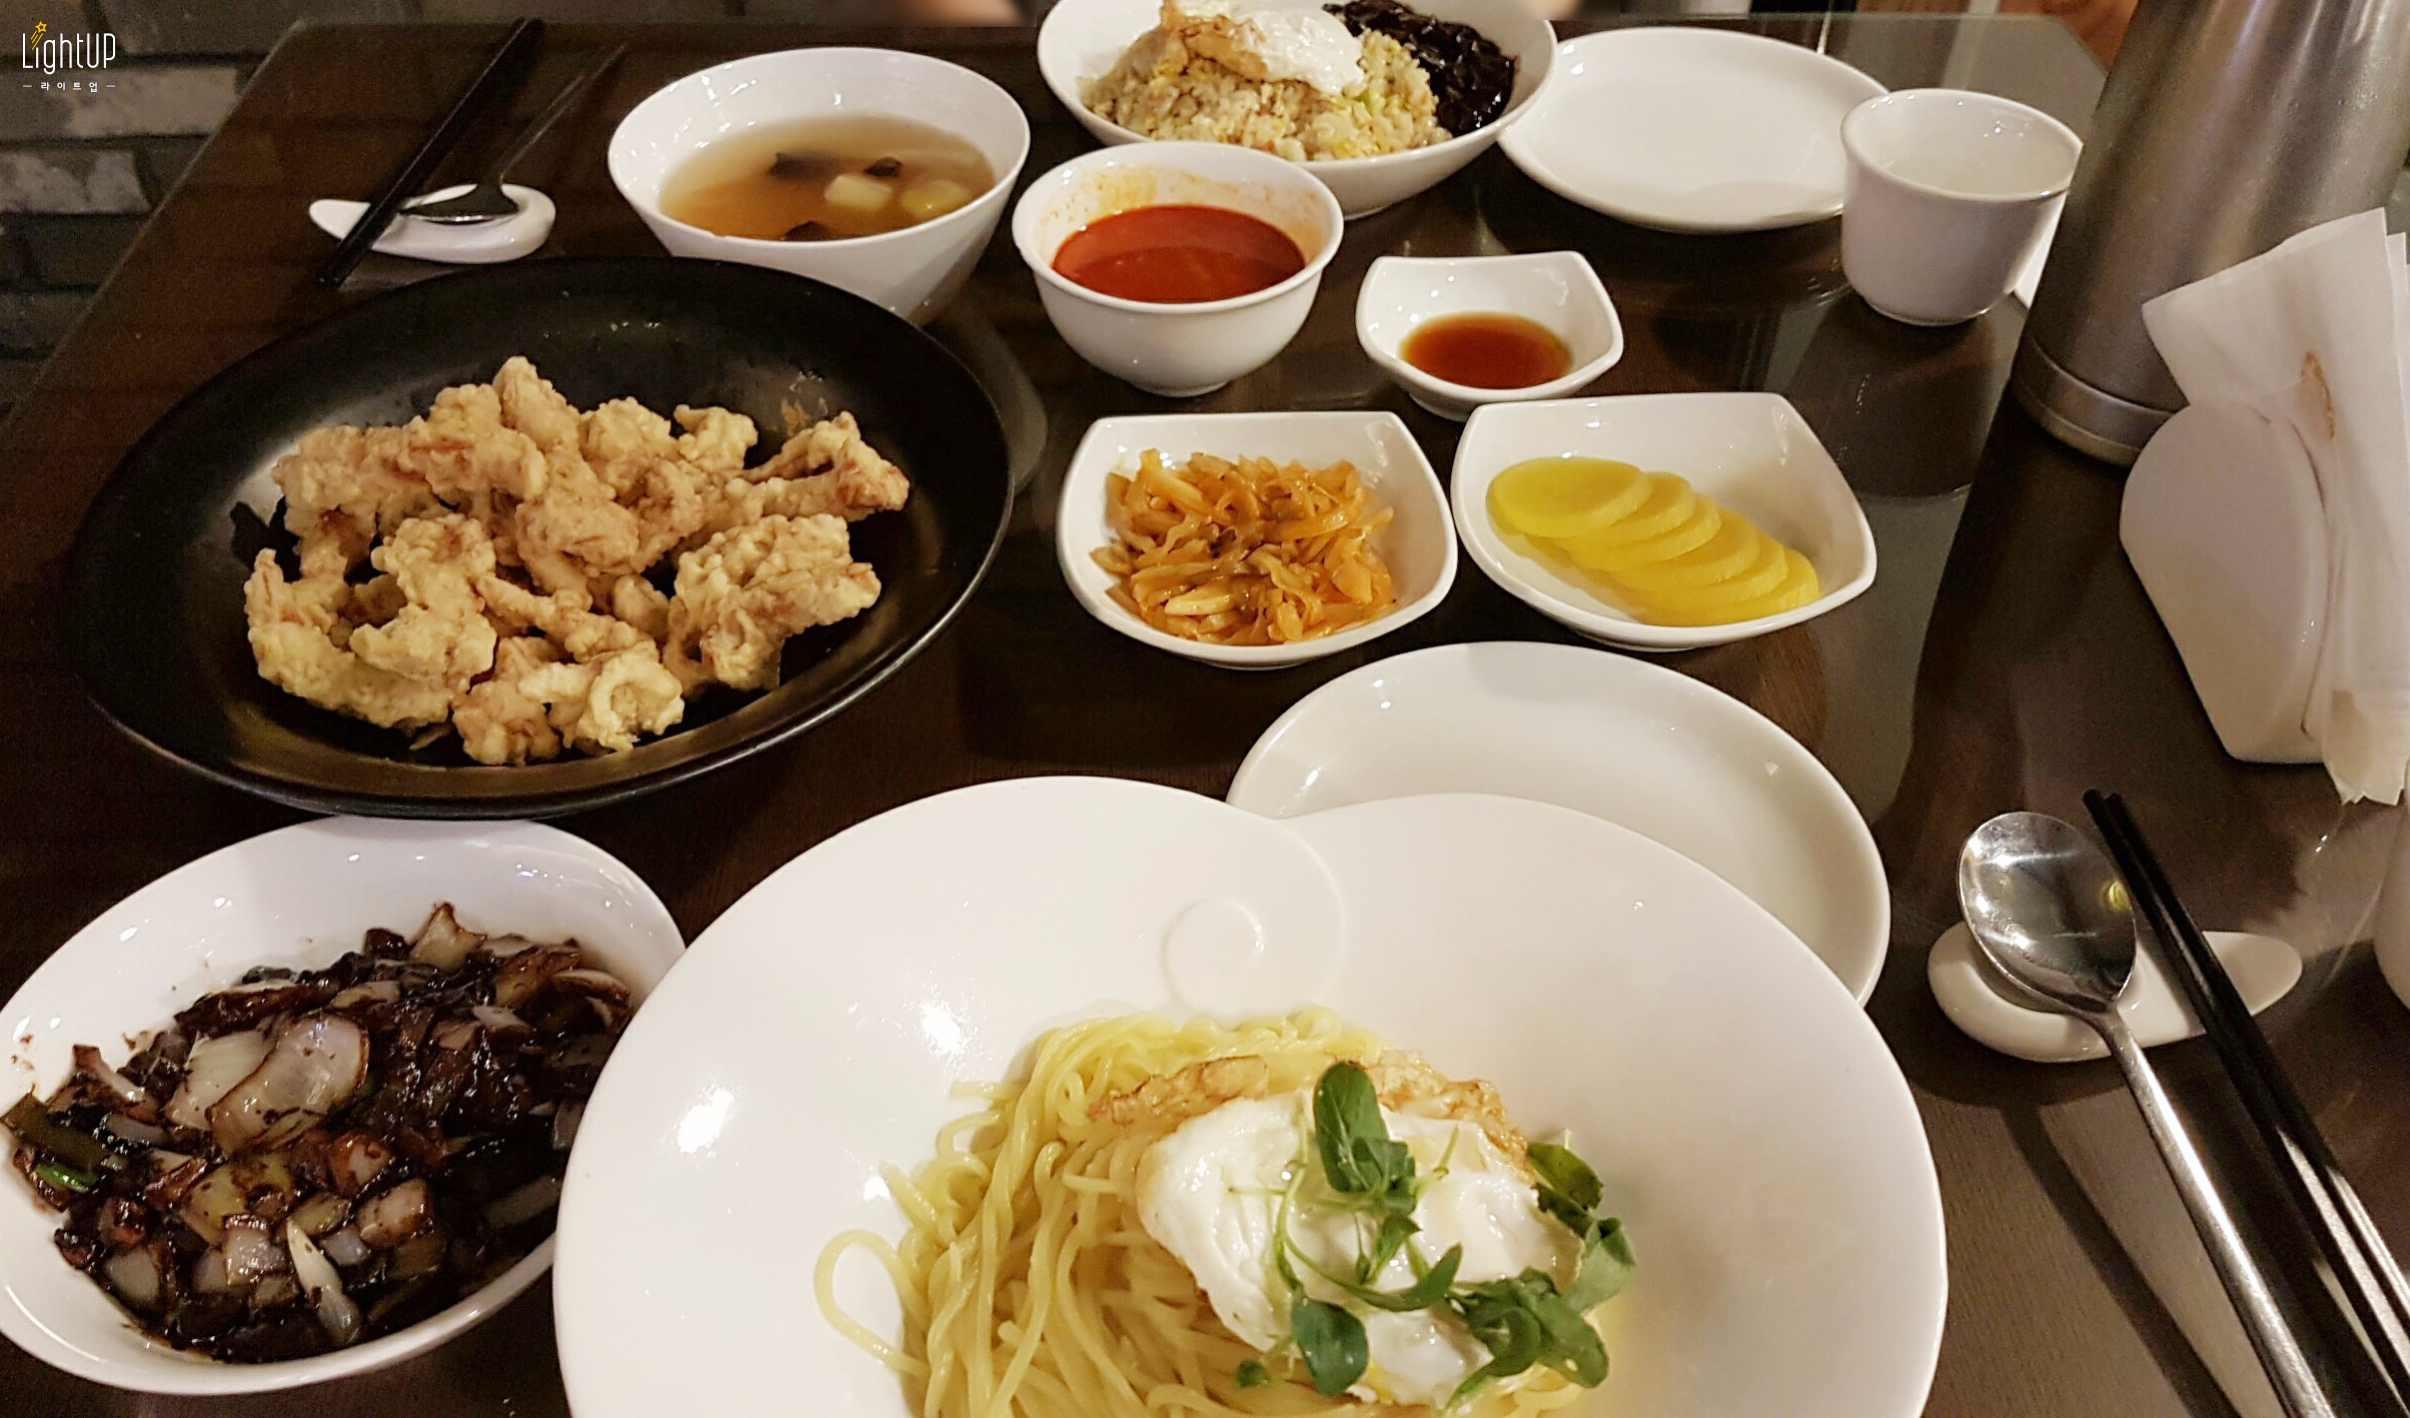 加上小菜後,整桌滿滿的菜色 絕對可以吃得很飽的~~  來韓國就是要試試炸醬麵,如果跟隨自已偶像的腳步,吃一樣的東西,是不是會更有味道呢?  小知識: 韓國人在搬家的時候都會吃炸醬麵喔. 因為搬家很累,沒有體力再煮飯,叫炸醬麵是最快又方便的 ~~